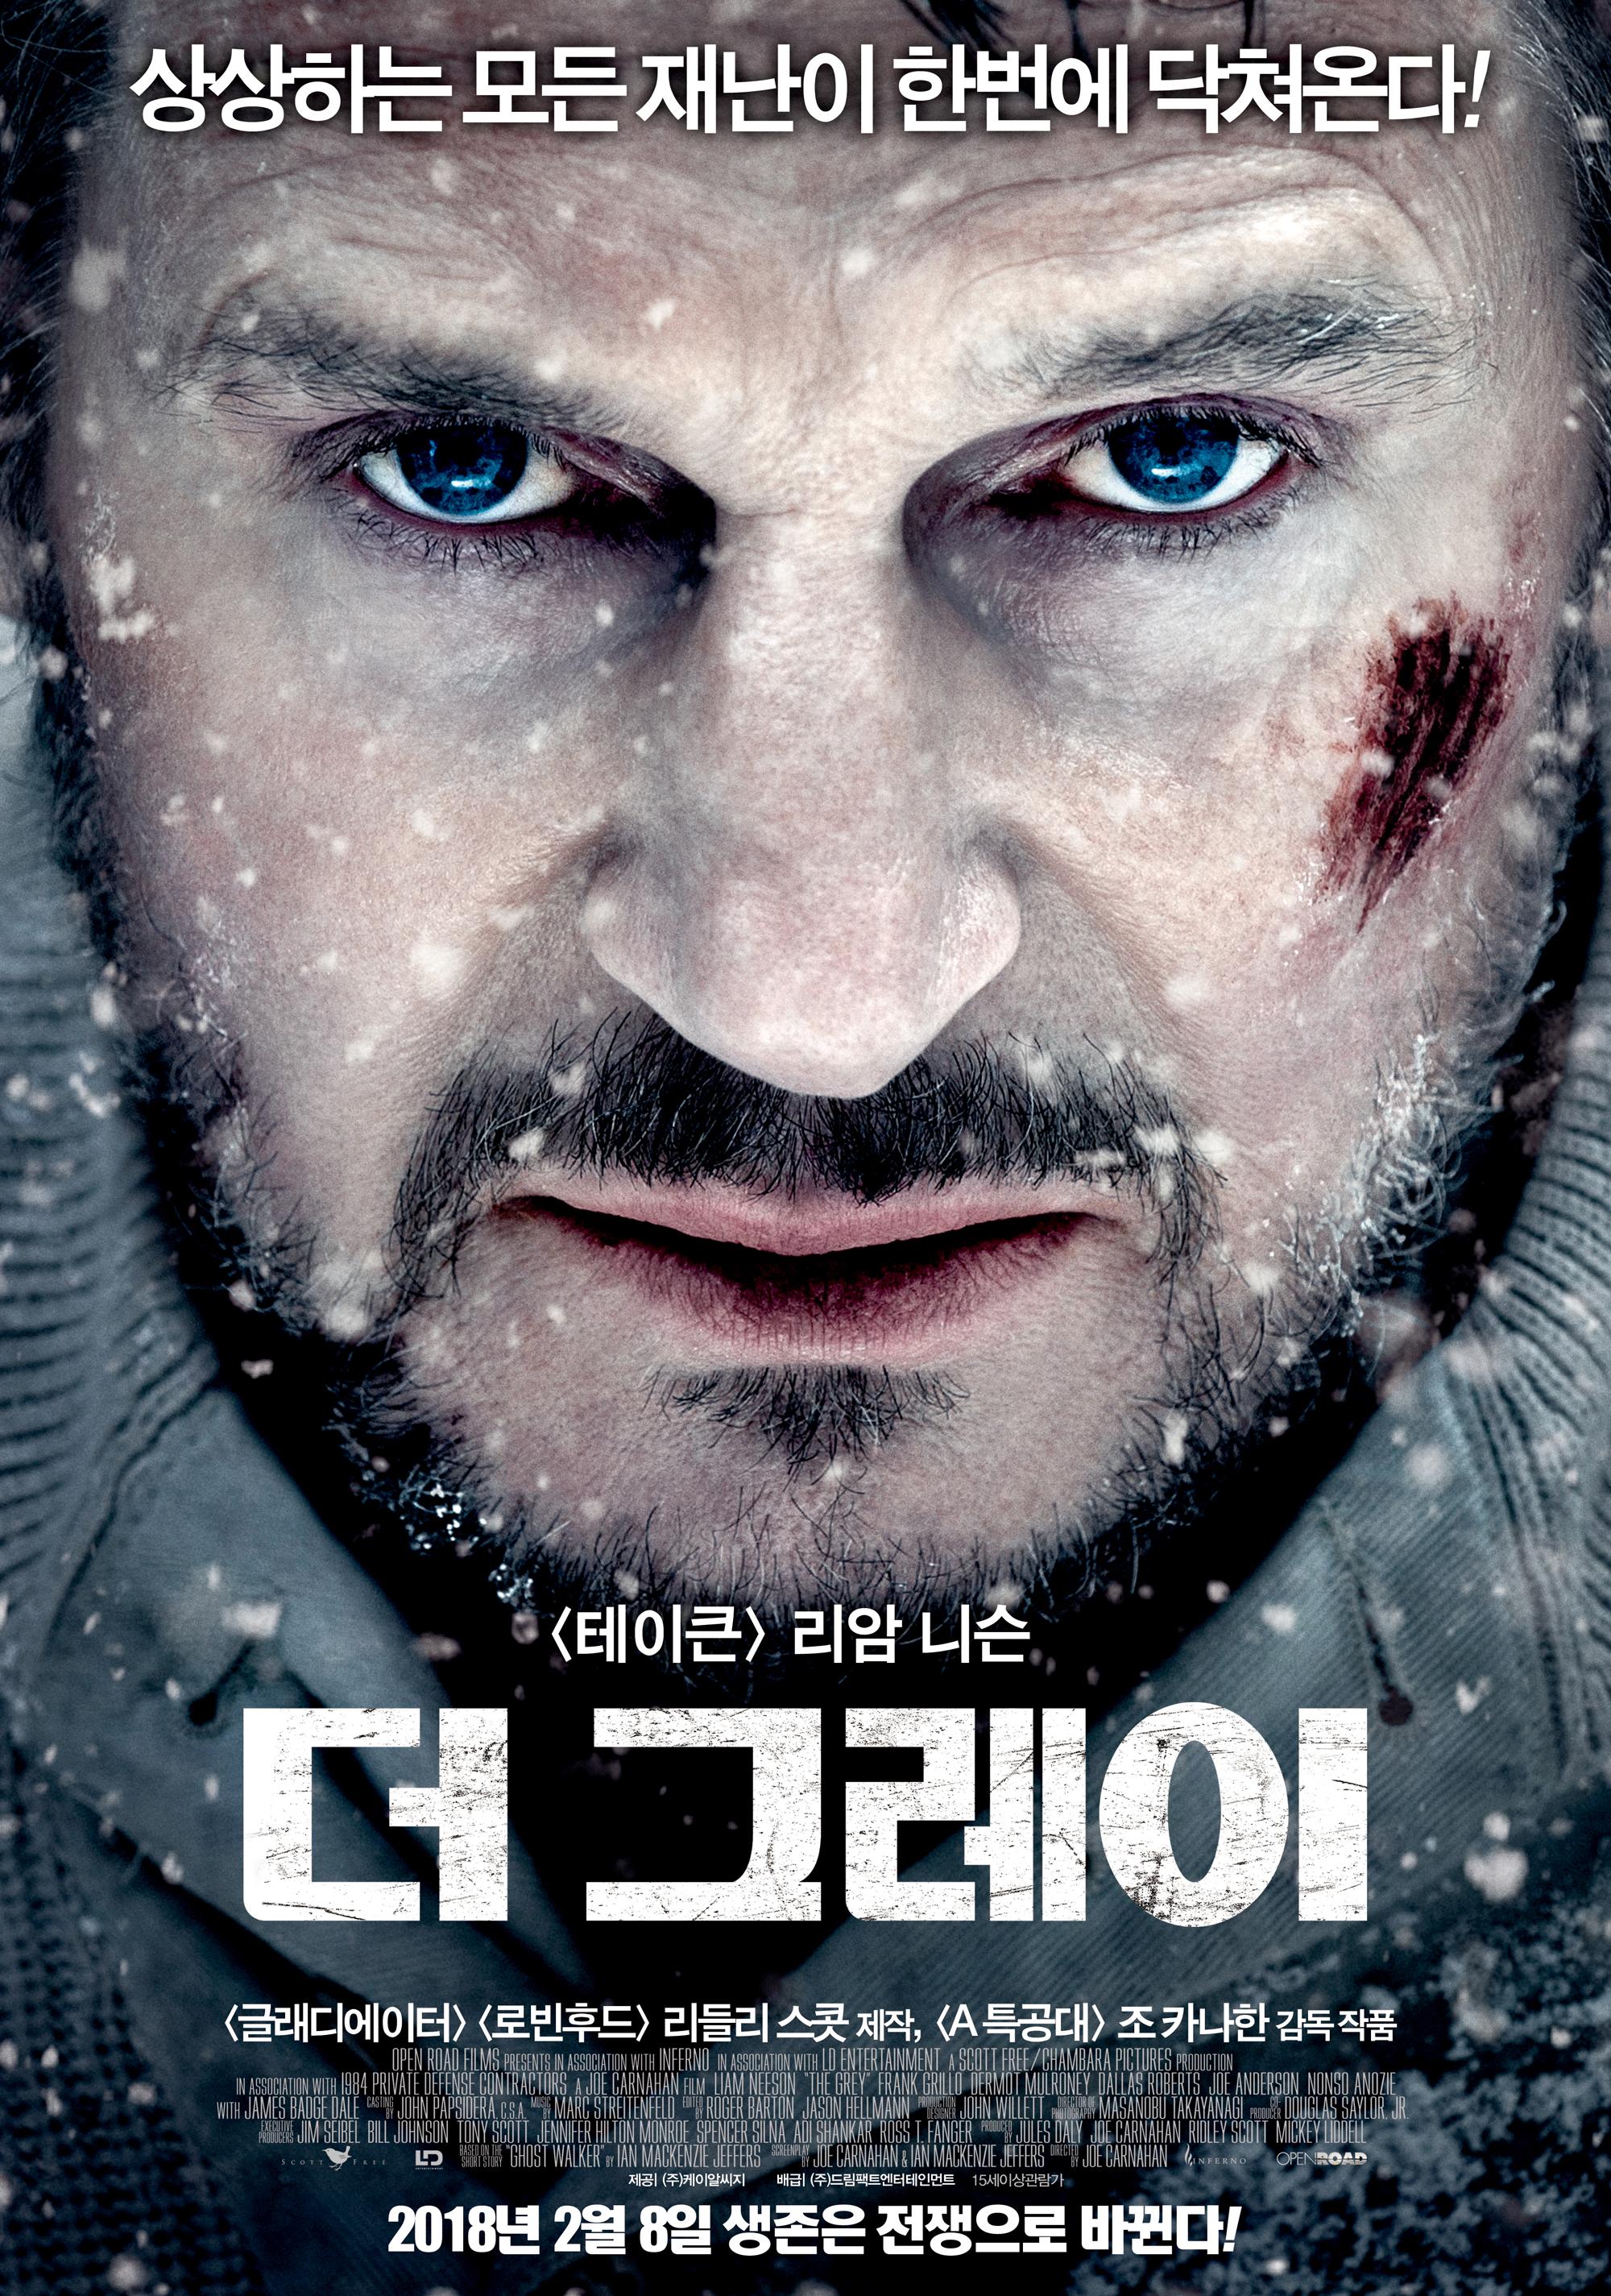 더 그레이 (The Grey, 2012)